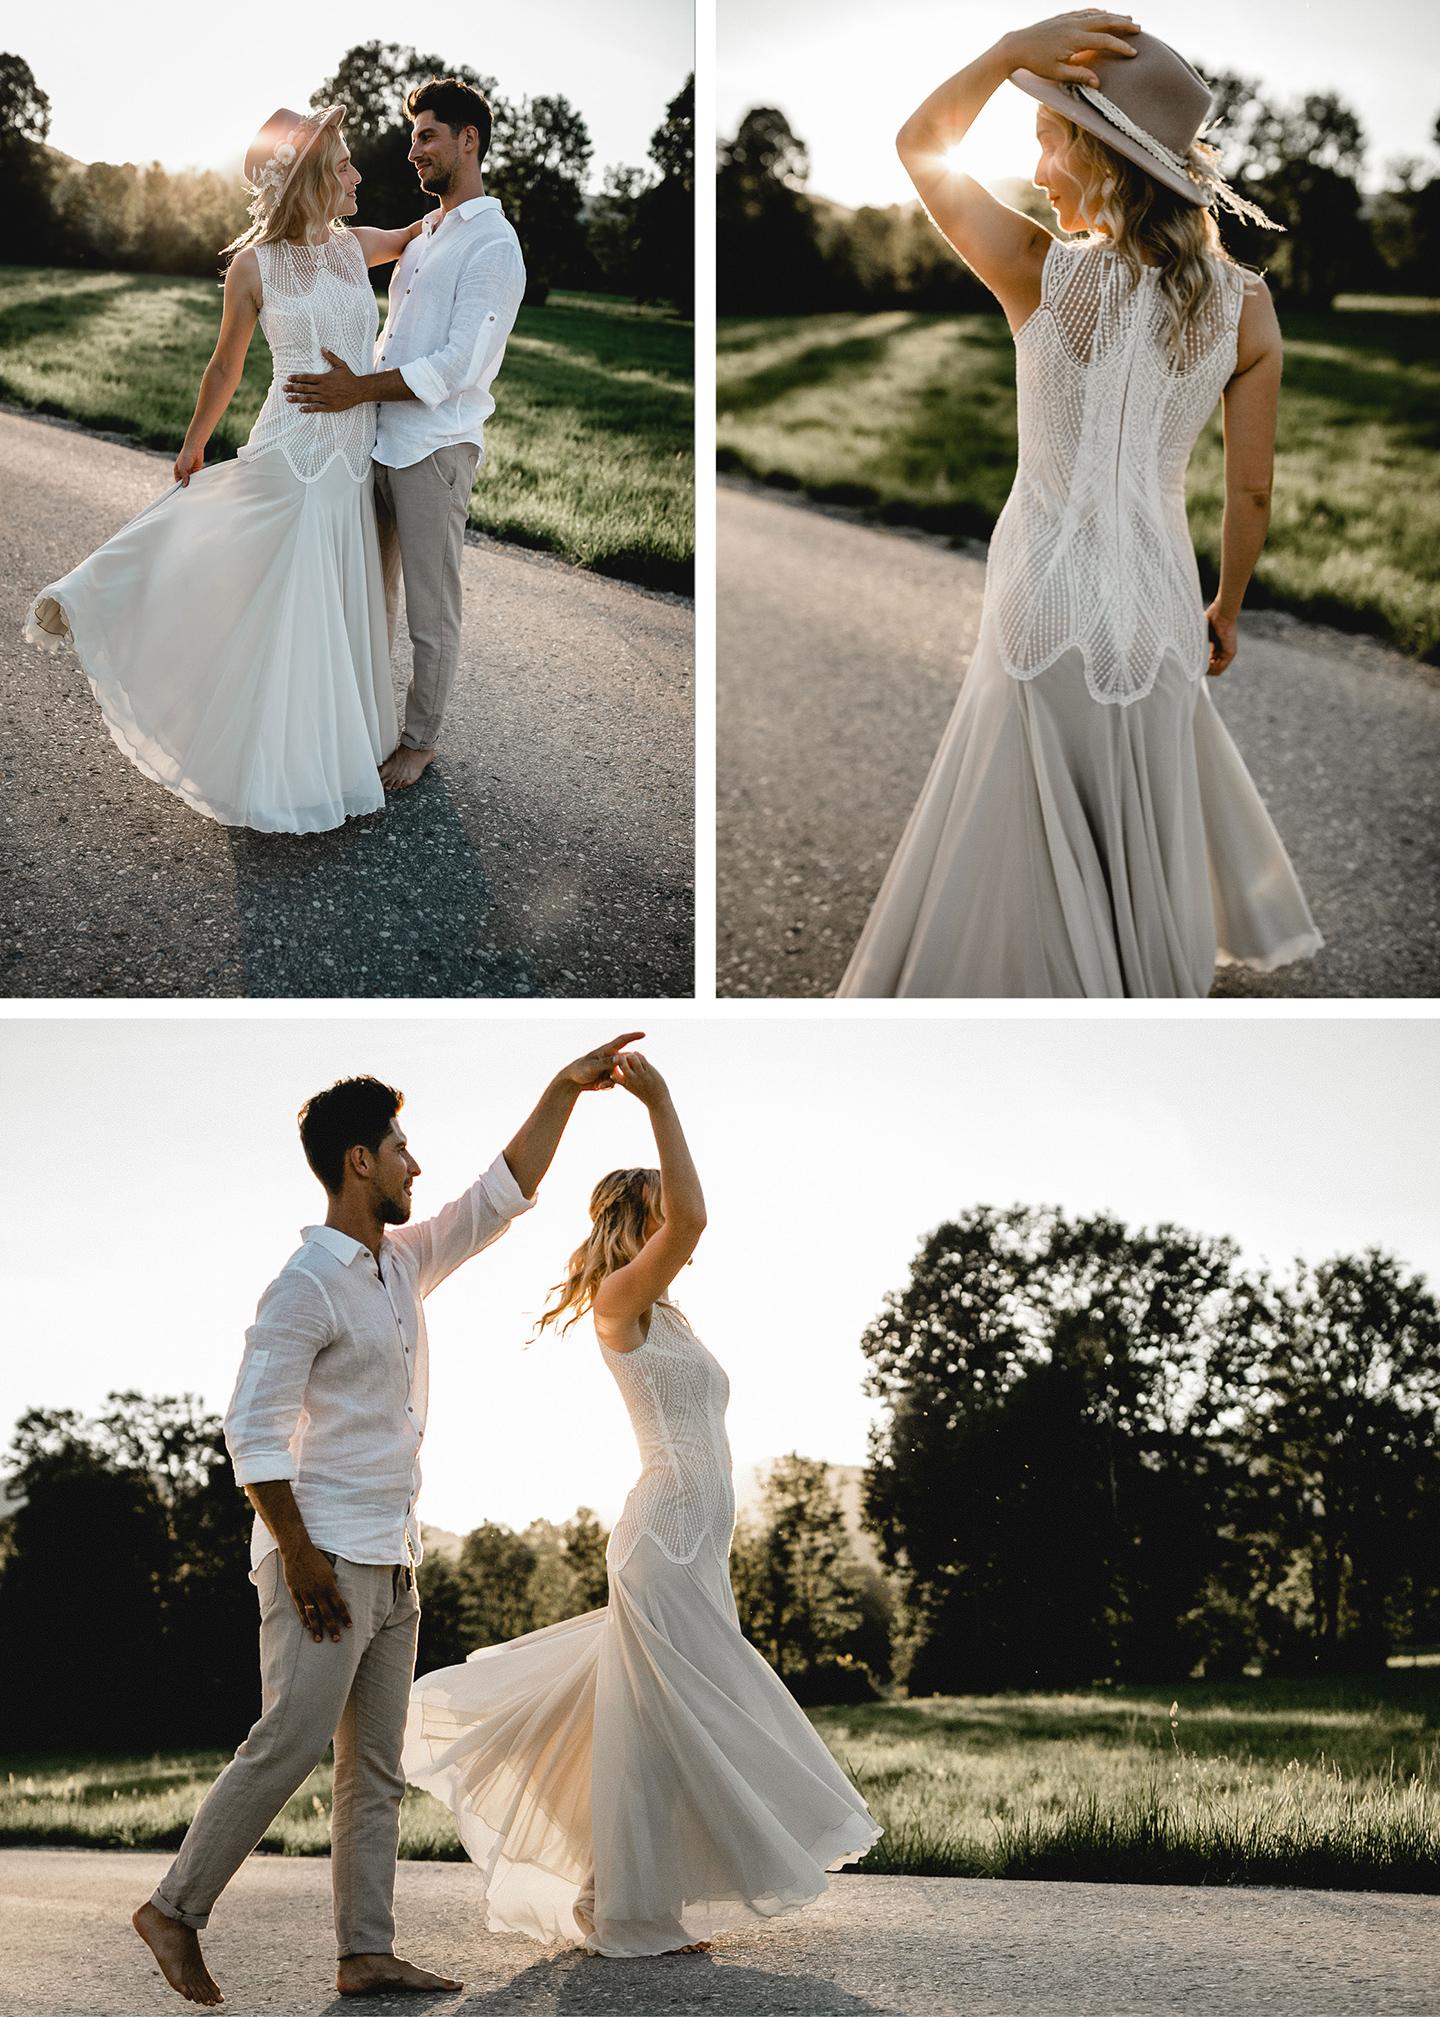 Braut und Bräutigam tanzen auf allen drei Bildern gemeinsam barfuß in der untergehenden Sonne auf der unbefahrenen Straße vor der grünen Wiese.